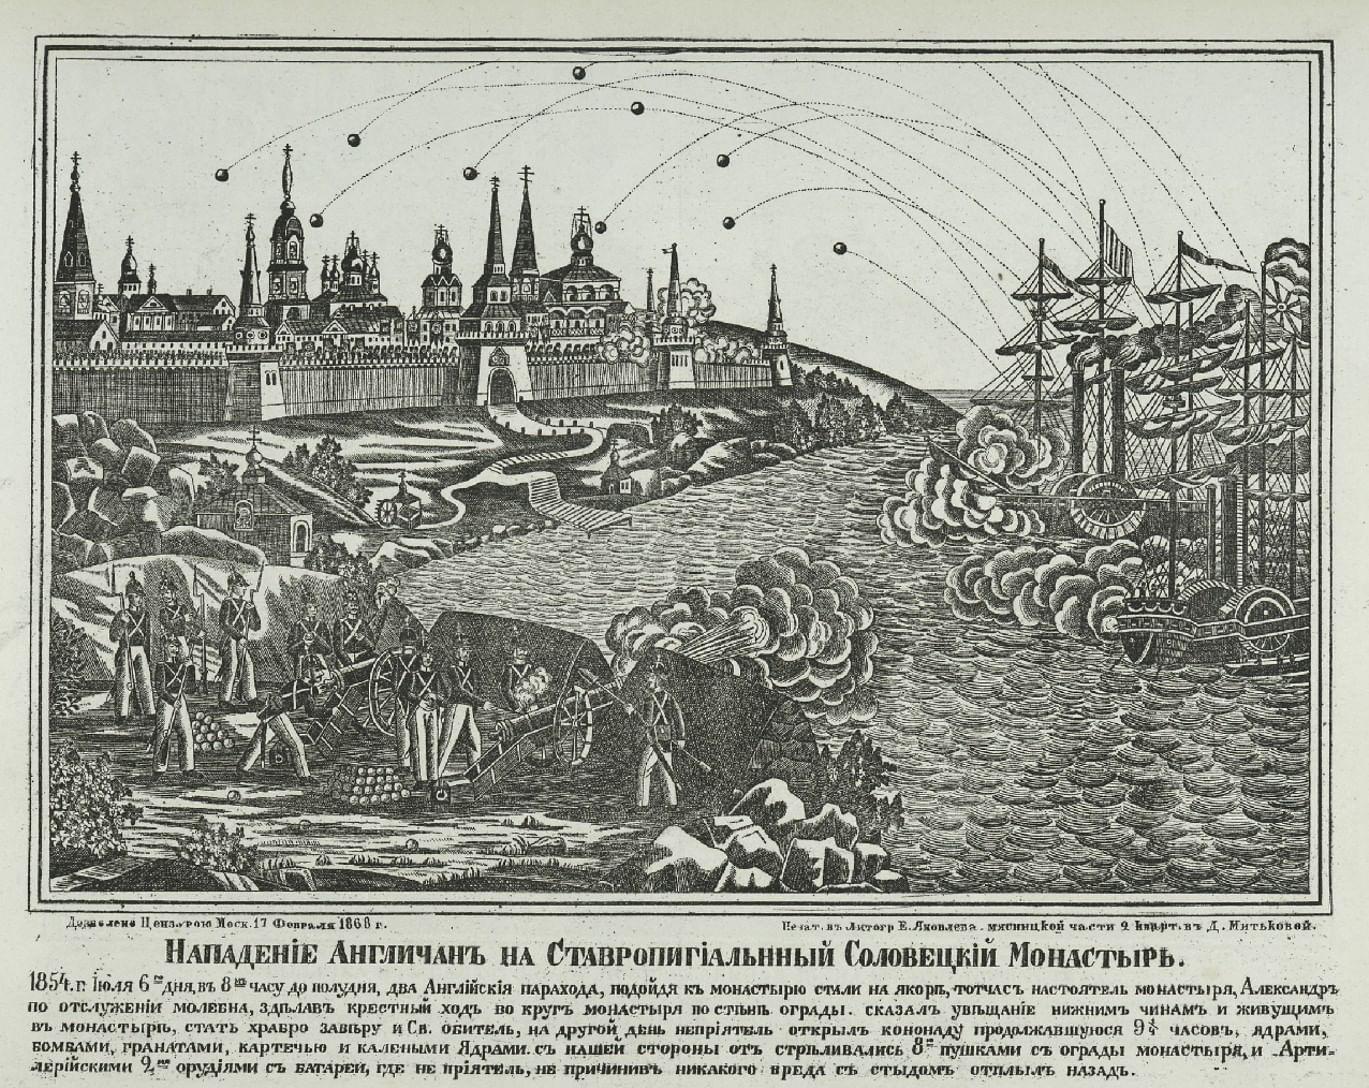 Пушки и русское искусство. Галерея 5. Бомбардировка монастыря